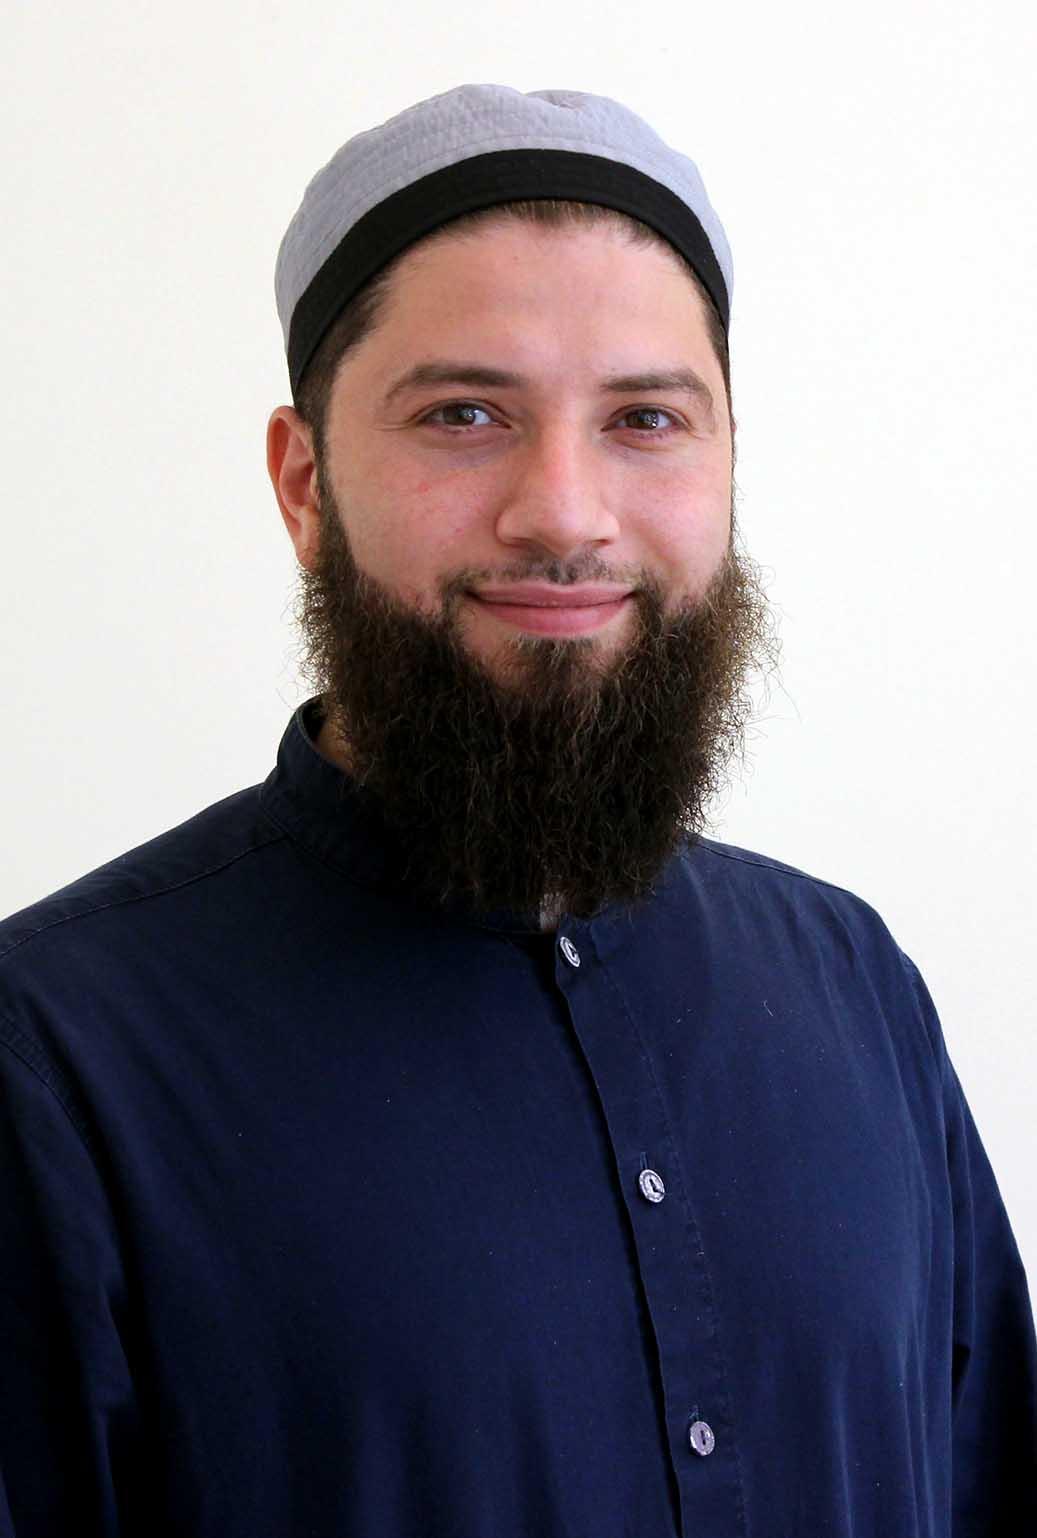 Hassan Shibly